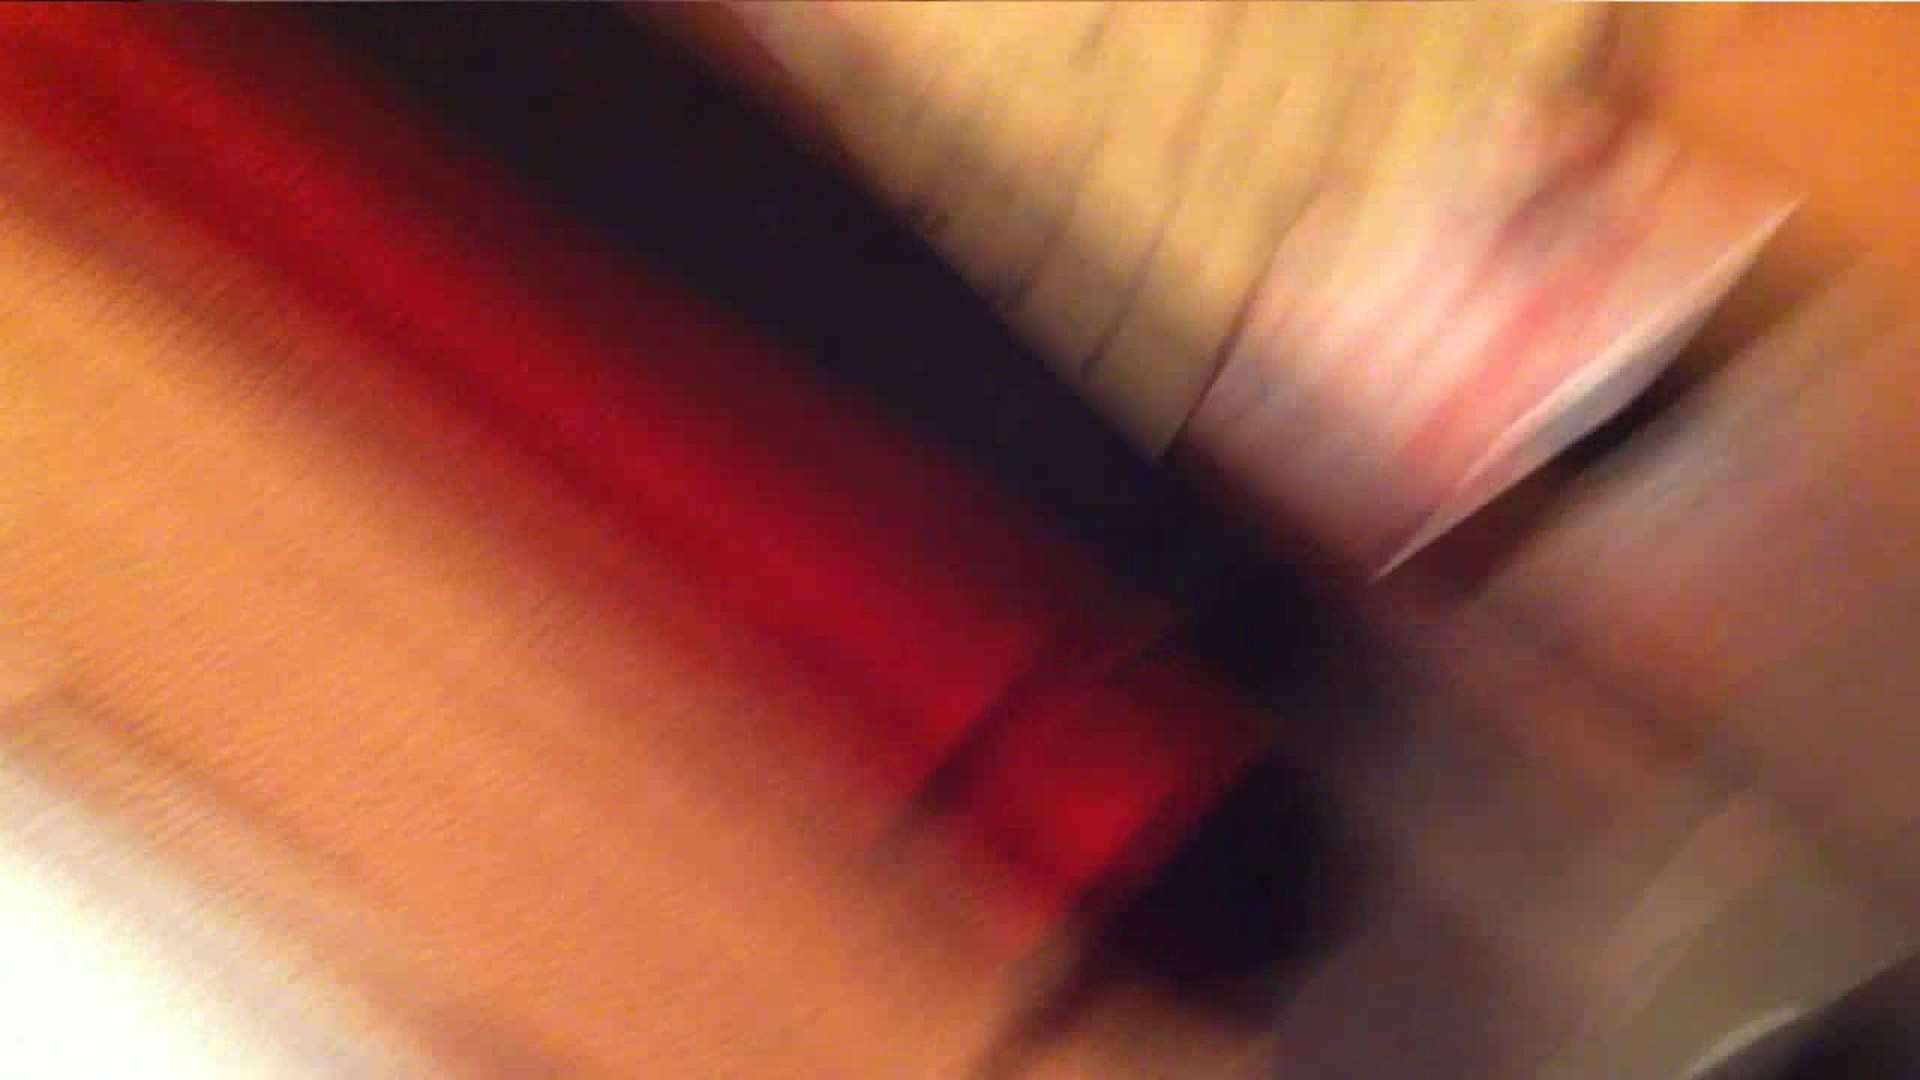 vol.35 美人アパレル胸チラ&パンチラ ひらひらスカートの中身は? 接写 | パンチラハメ撮り  62pic 4